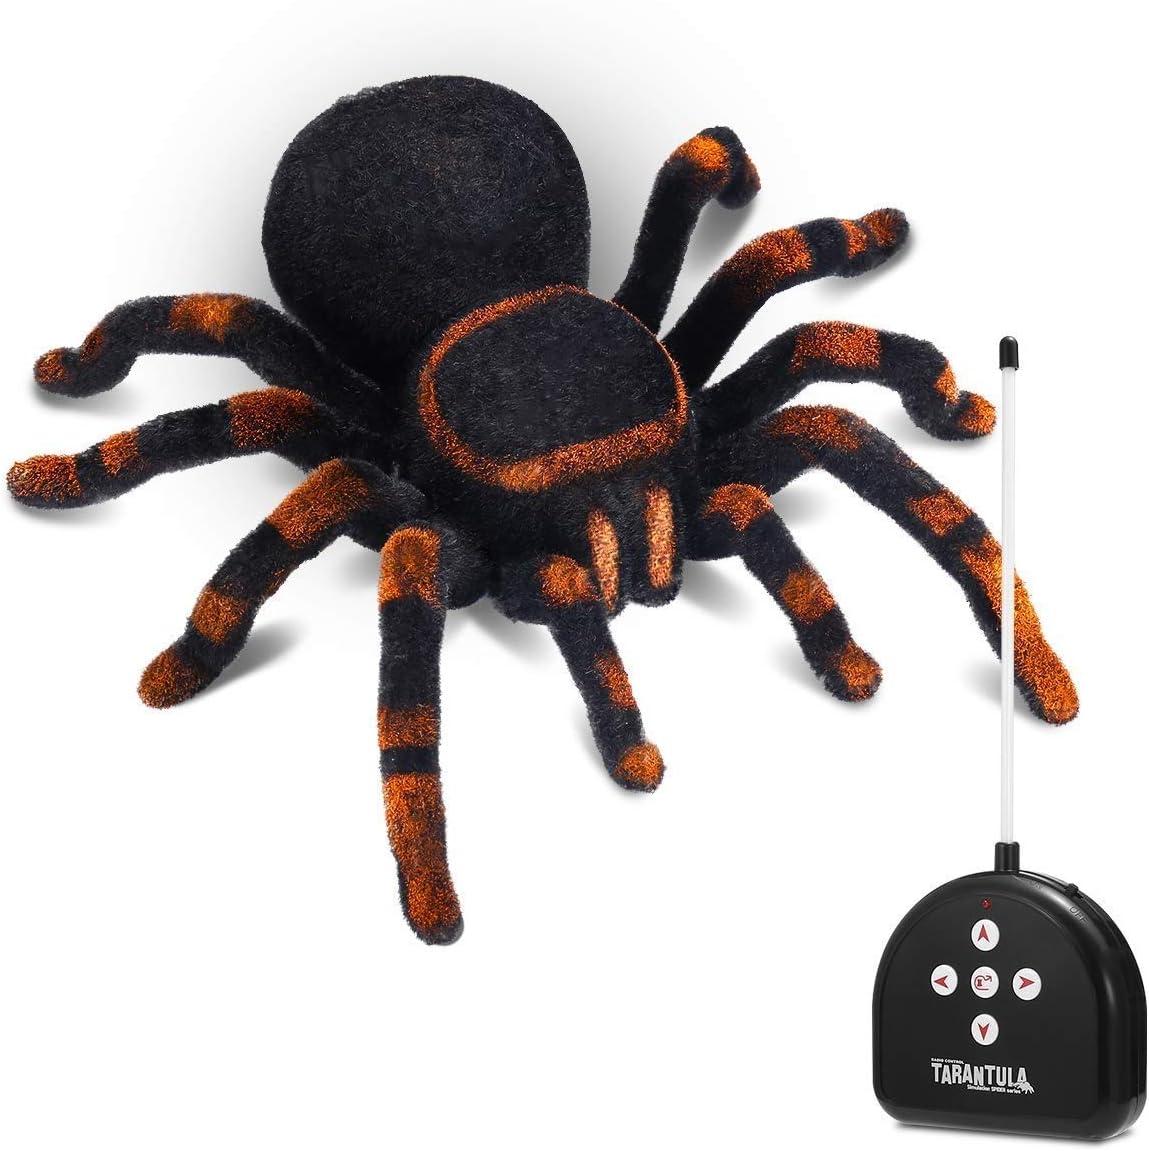 Llpeng Araña de Control Remoto for la travesura Realista Felpa Tarantula de Halloween de la araña RC niños de Juguete de simulación de rastreo de Control Remoto araña Regalo for los niños niñas